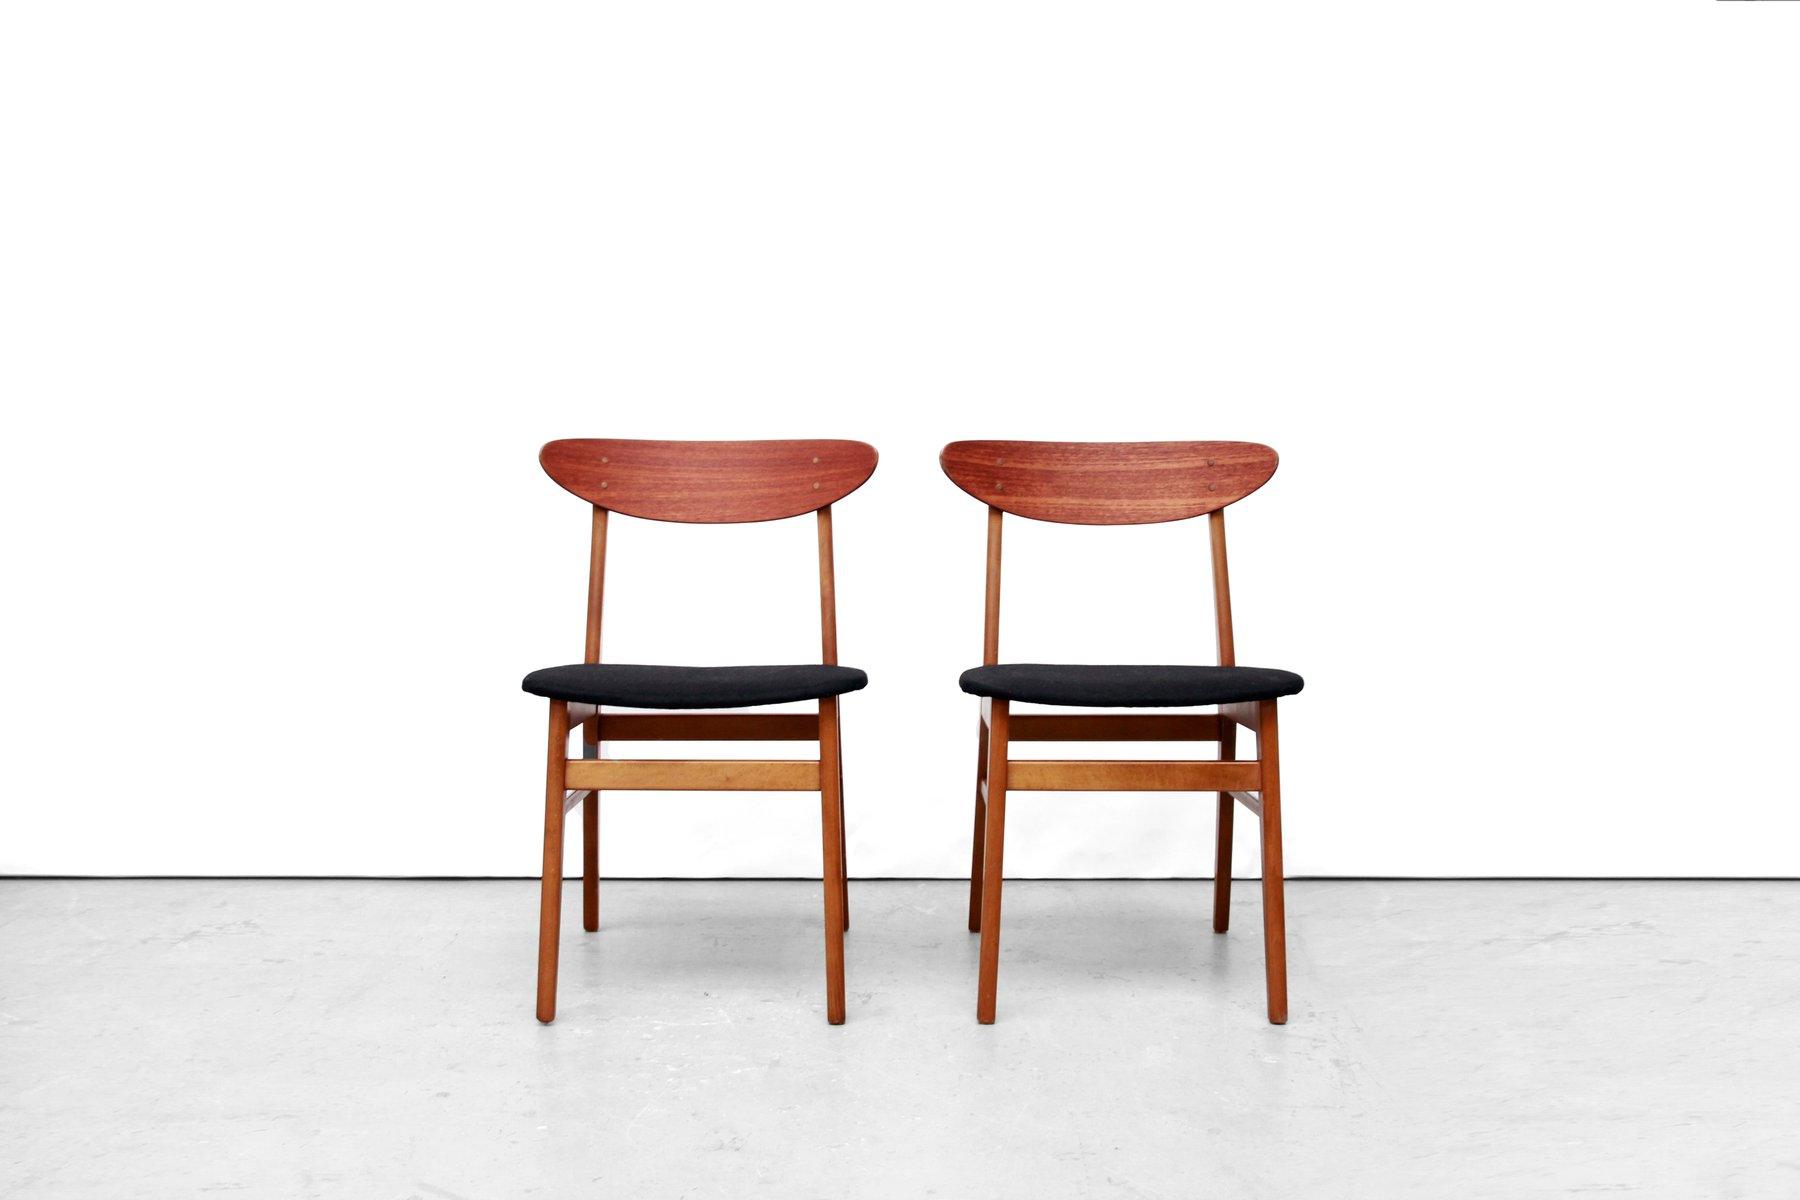 d nischer stuhl von farstrup 1960er bei pamono kaufen. Black Bedroom Furniture Sets. Home Design Ideas